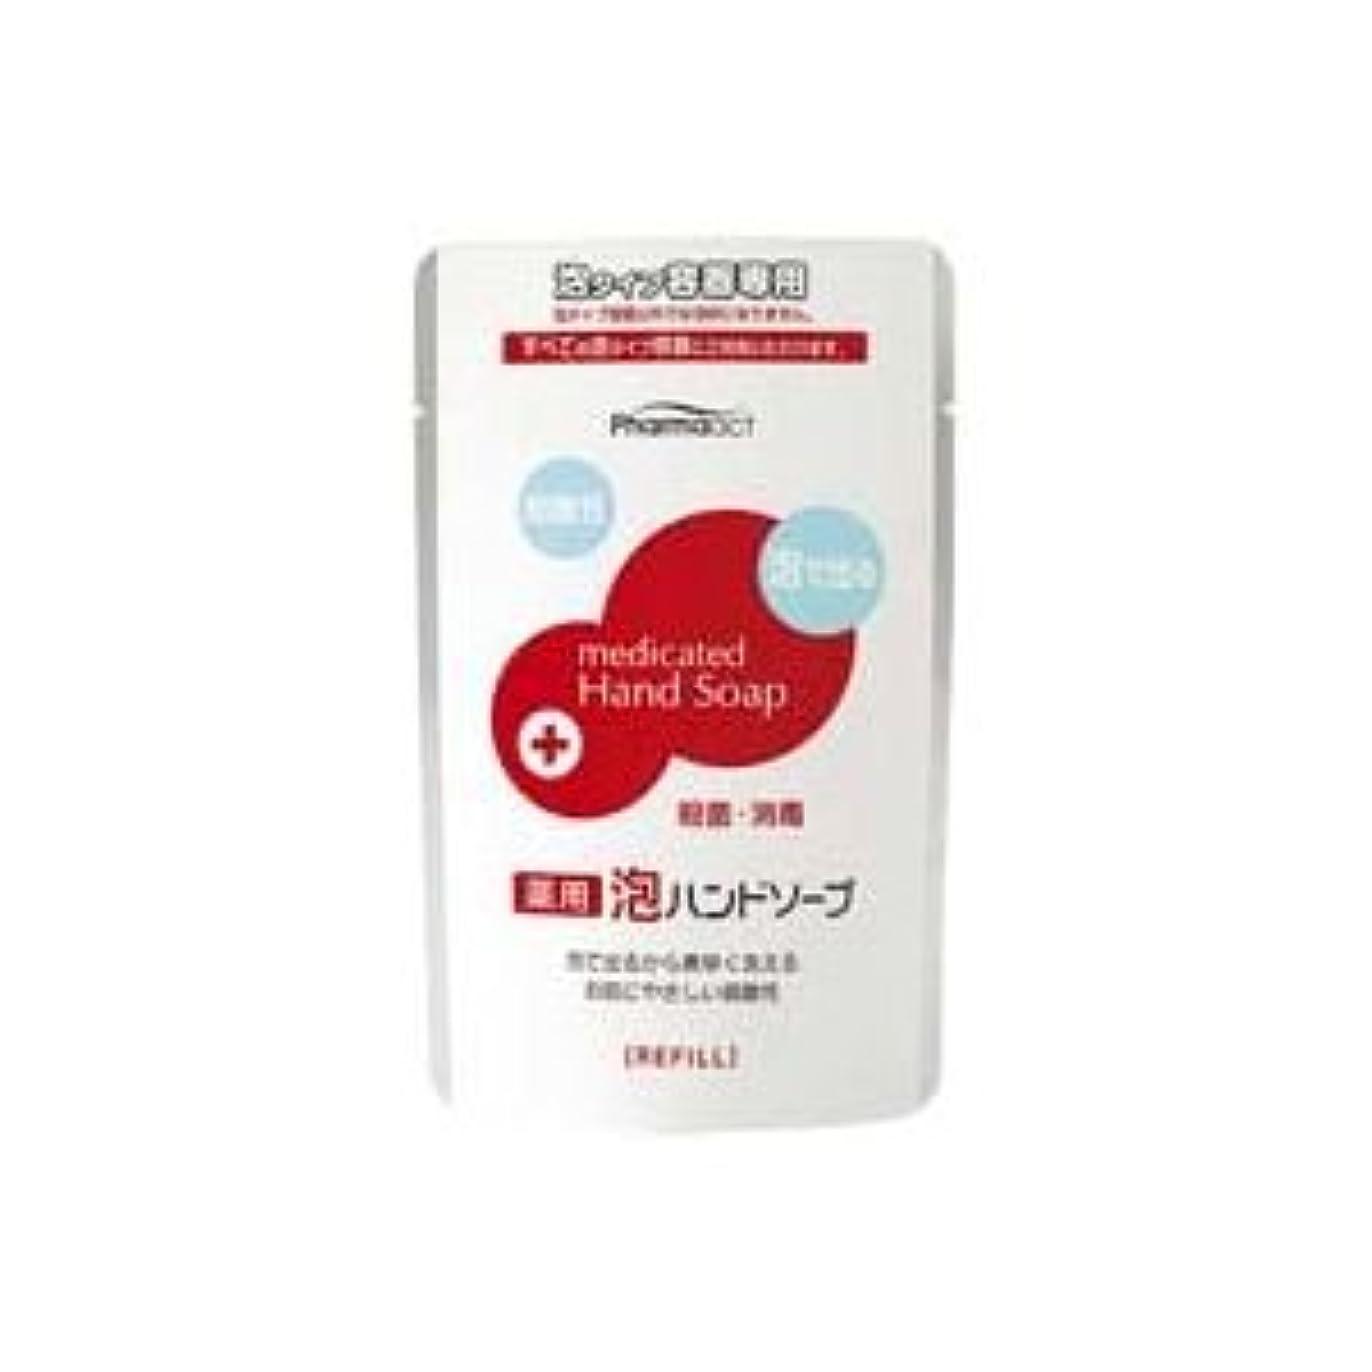 誠意またはその(業務用20セット)熊野油脂 ファーマアクト泡ハンドソープ詰替200ml